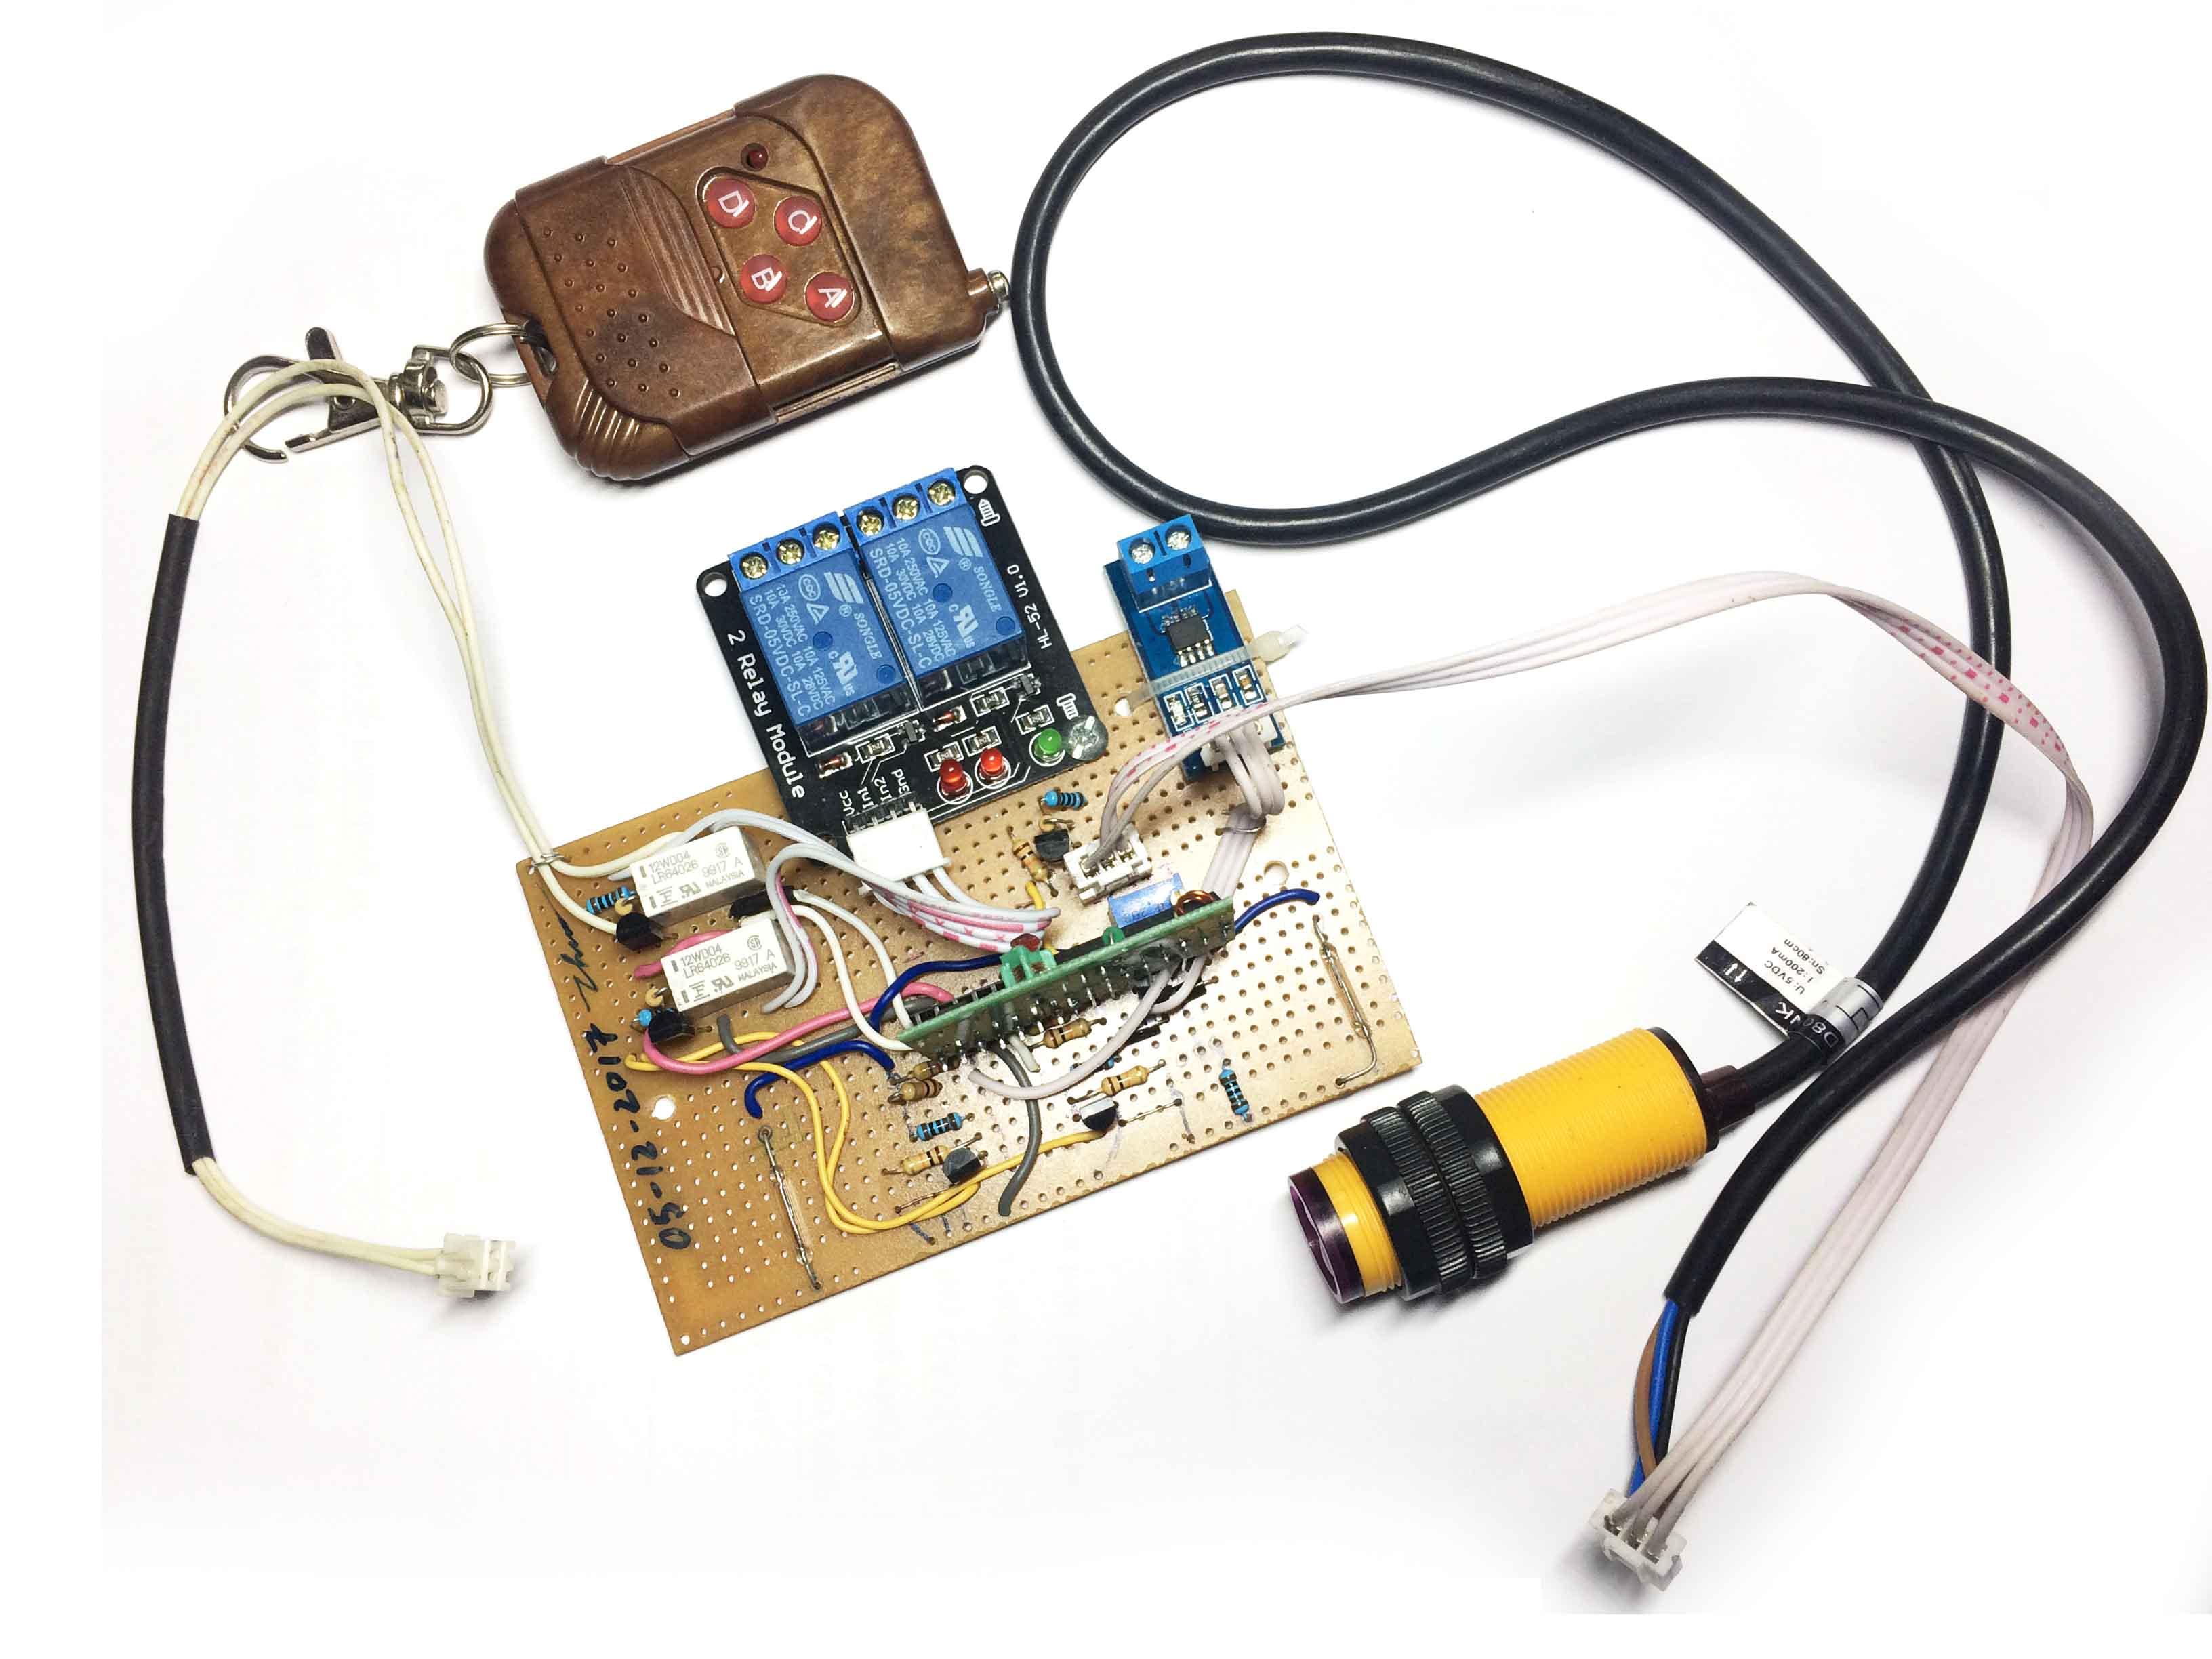 Bộ đảo chiều động cơ dùng cảm biến từ có khiển từ xa